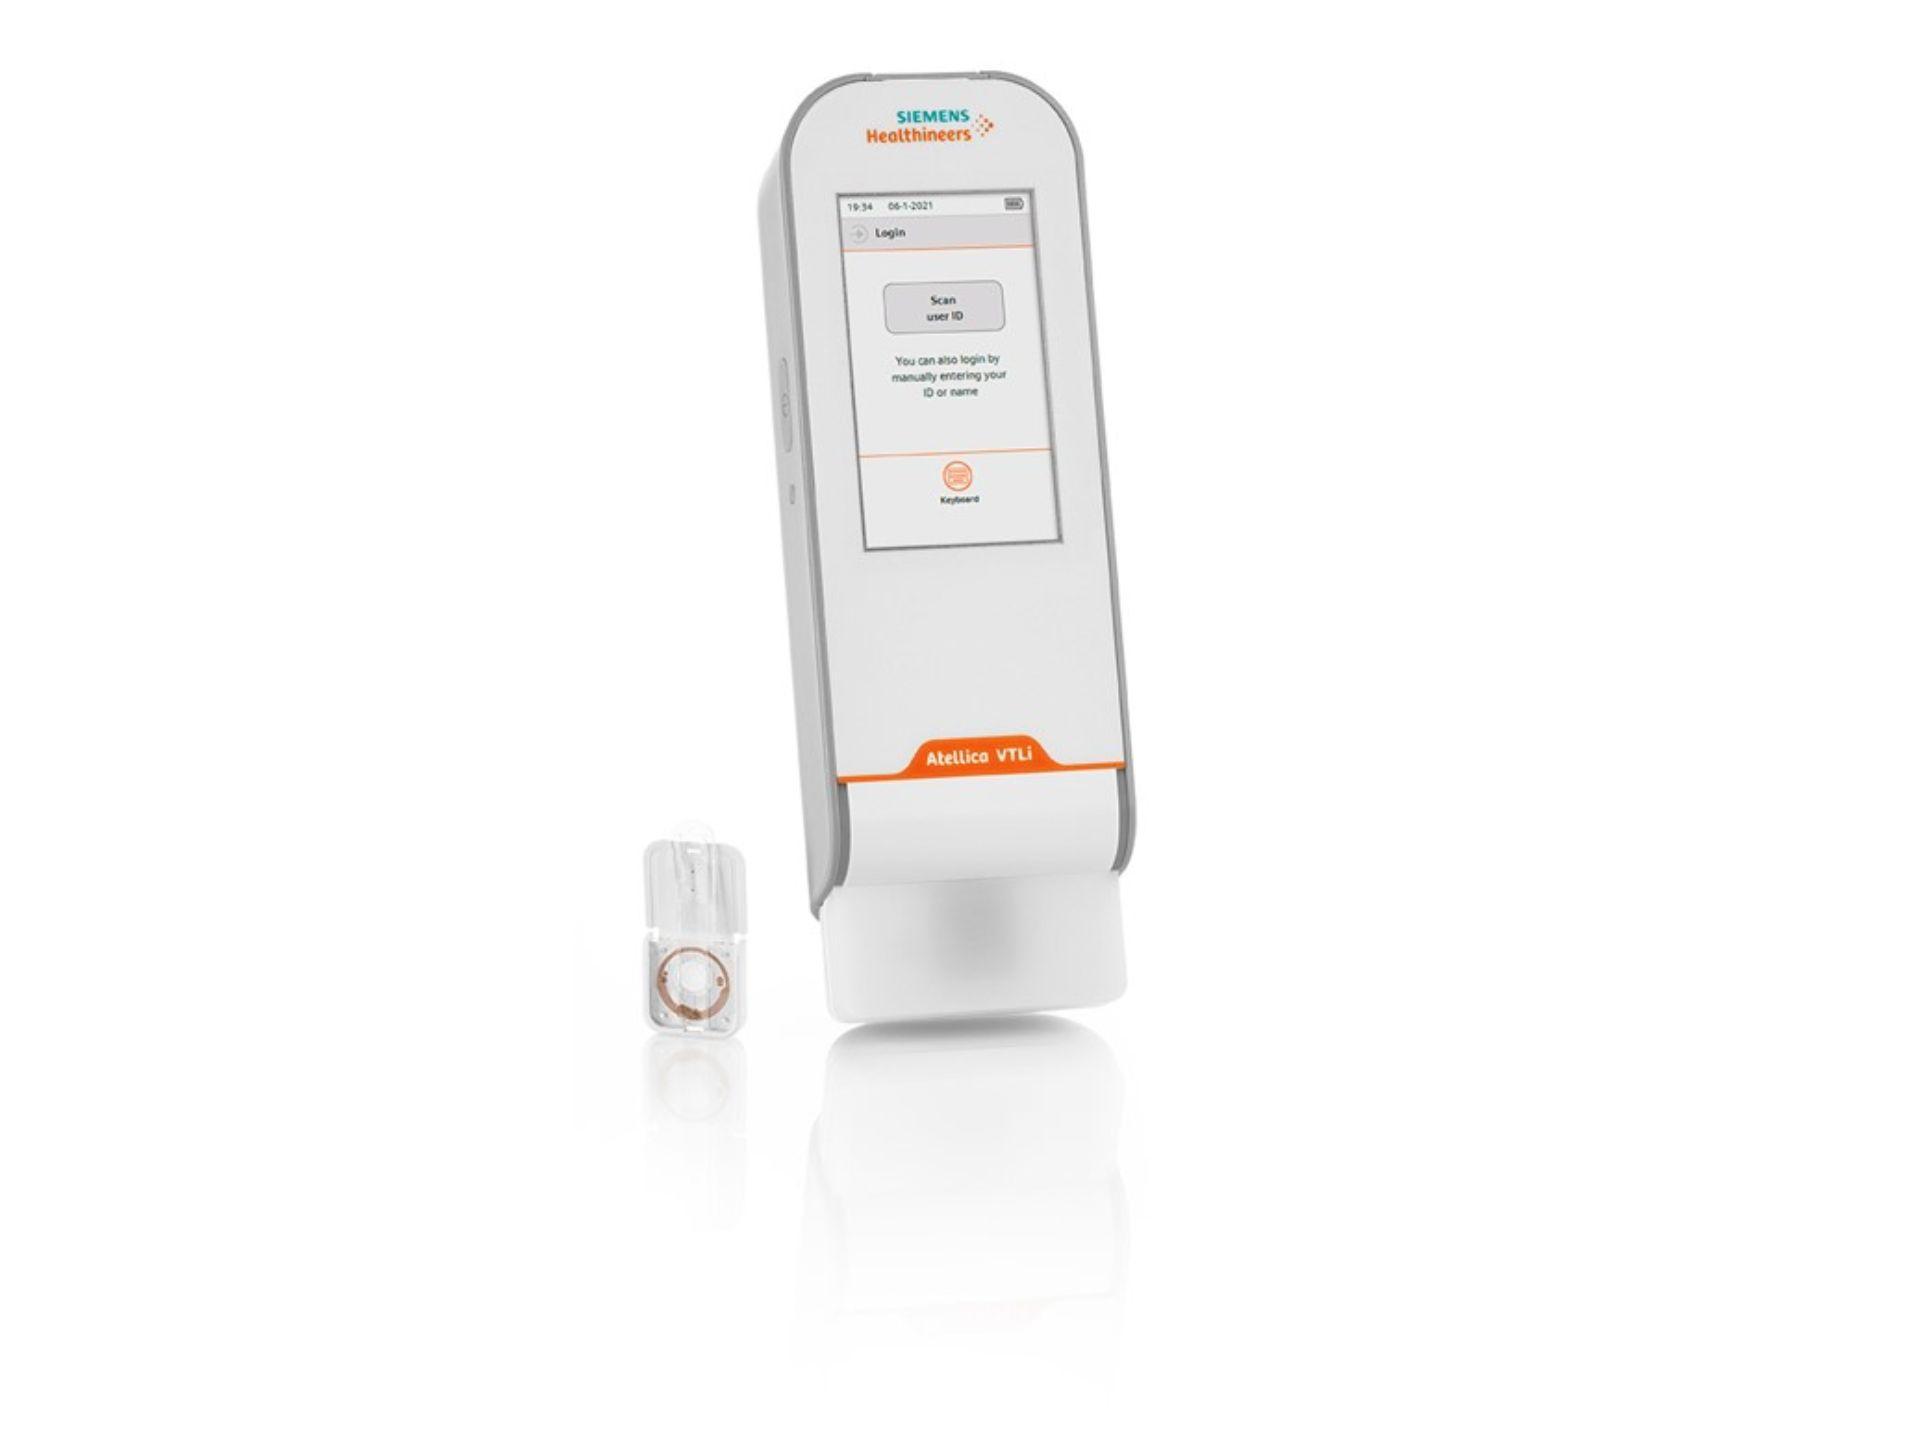 Beschleunigung der Herzinfarkt-Diagnose mit Atellica VTLi Patient-Side Analyzer für das branchenweit erste hochempfindliche Fingerstick-Troponin I am Point-of-Care